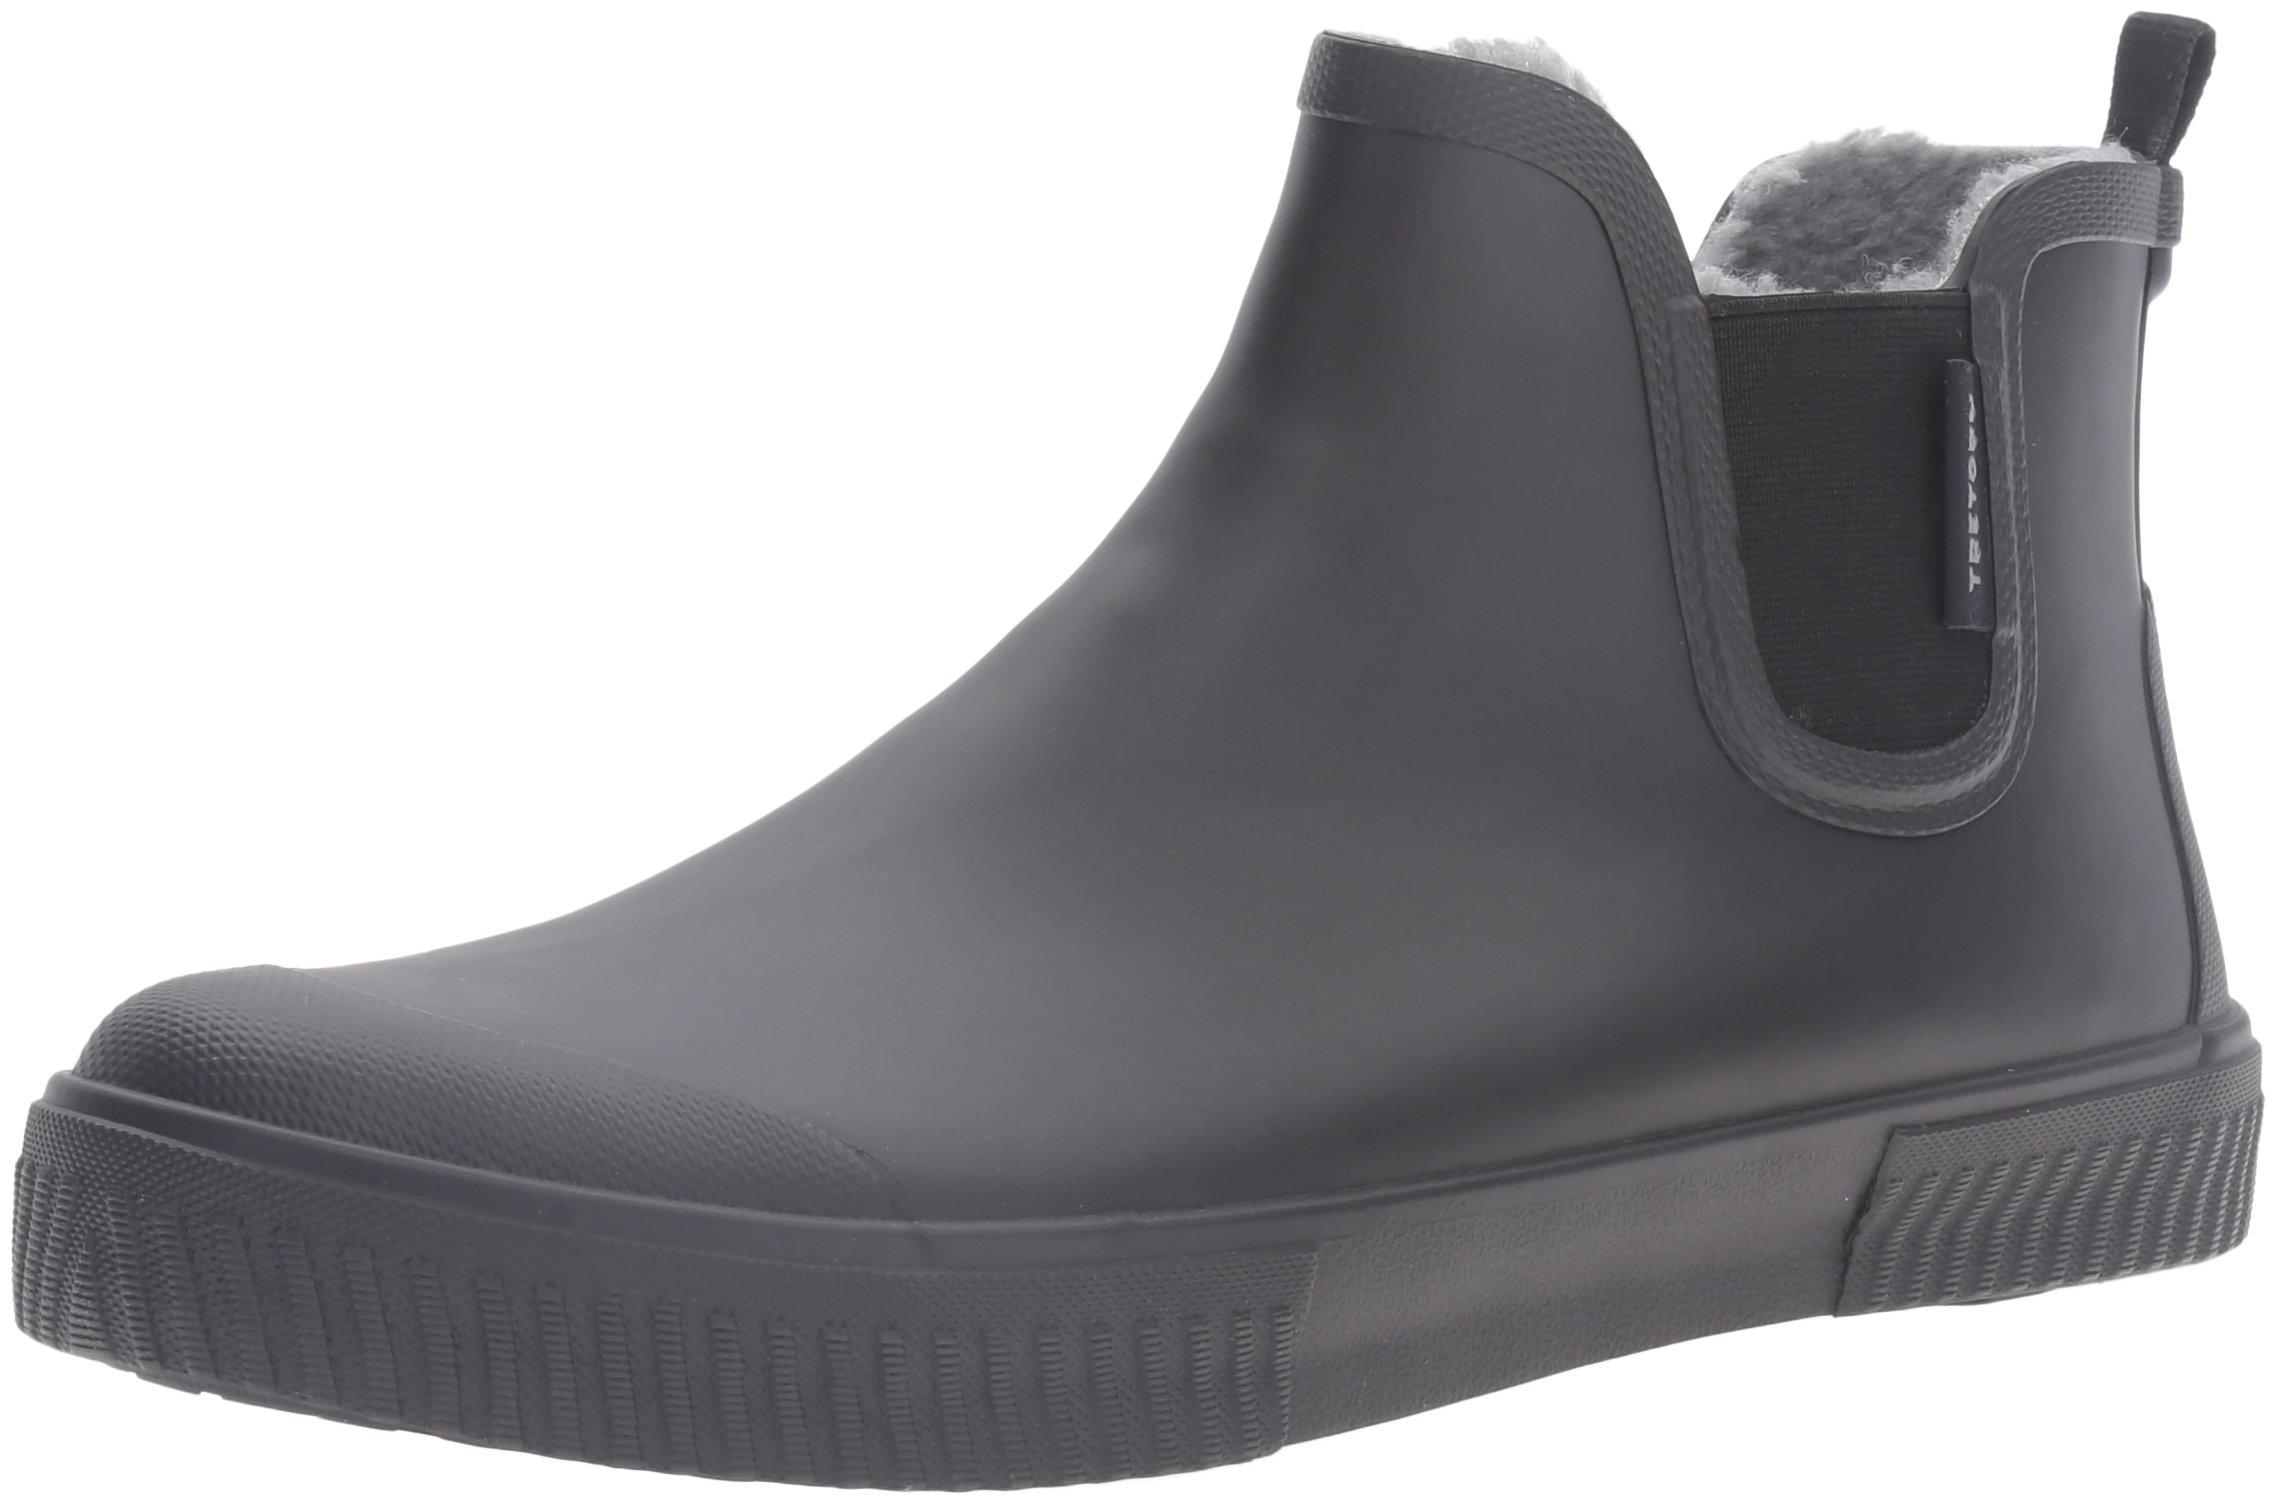 Tretorn Men's Gus Wnt Rain Boot, Black/Black/Black, 8 M US